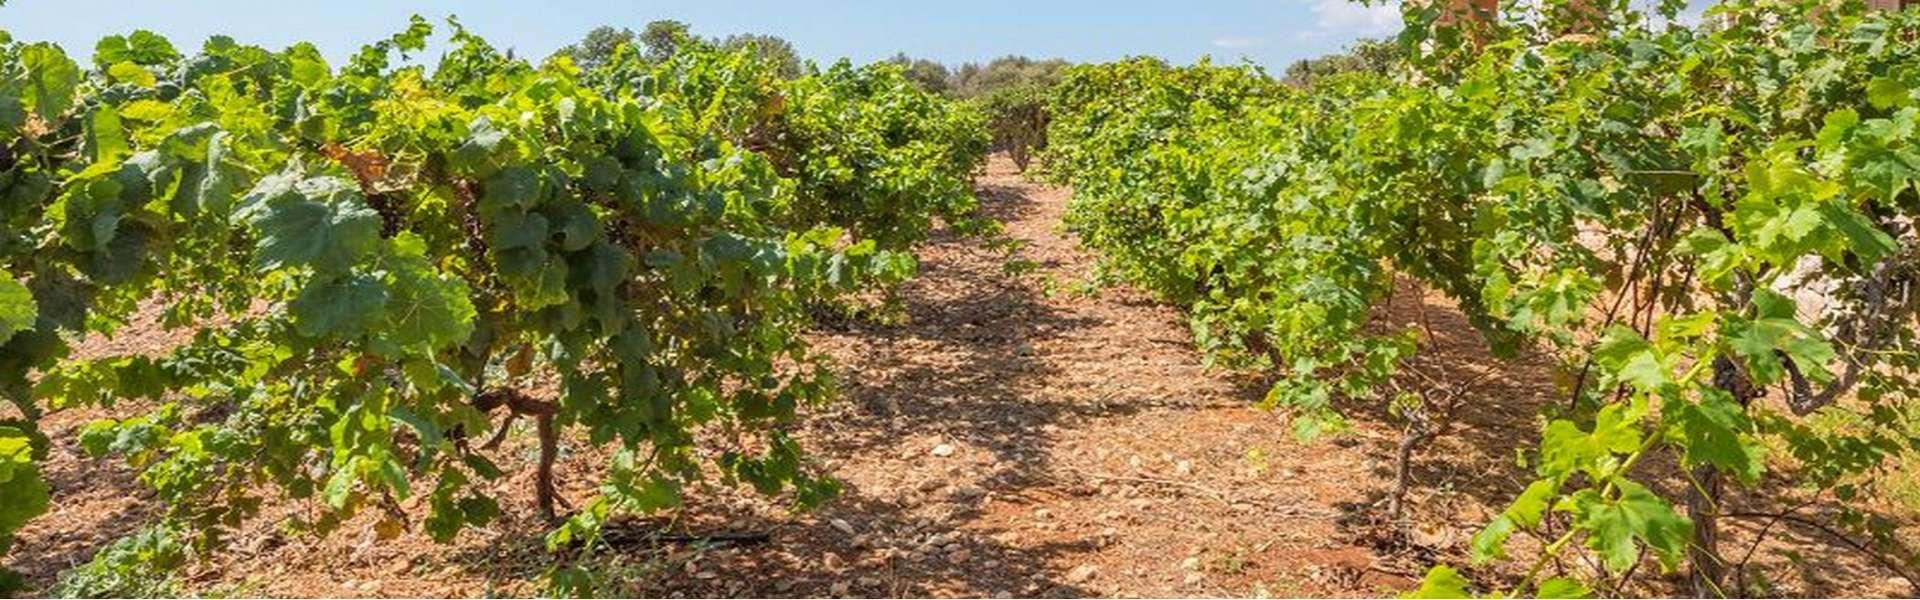 Alqueria Blanca - Wunderschöne Finca mit Meerblick zum Verkauf